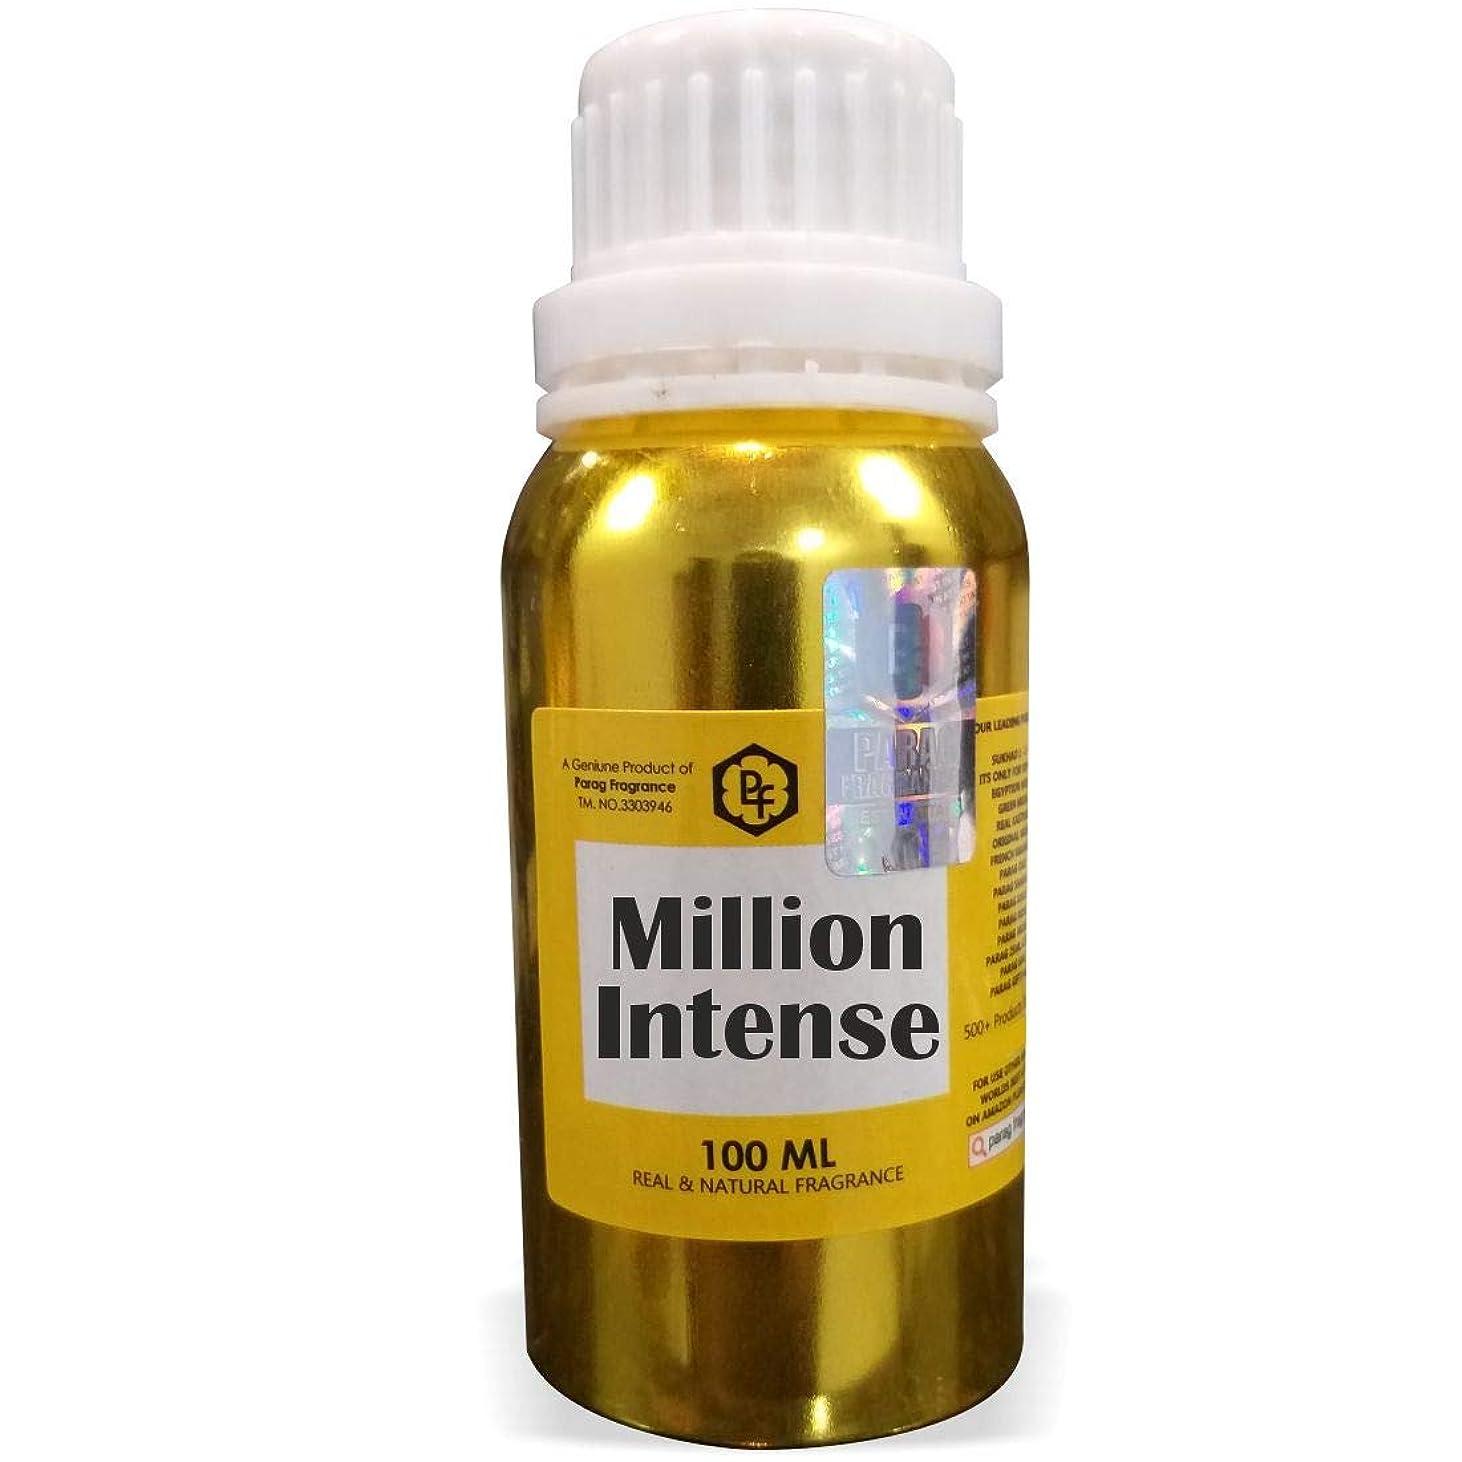 実用的晴れ抜け目のないParagフレグランス百万インテンスアター100ミリリットル(男性用アルコールフリーアター)香油| 香り| ITRA